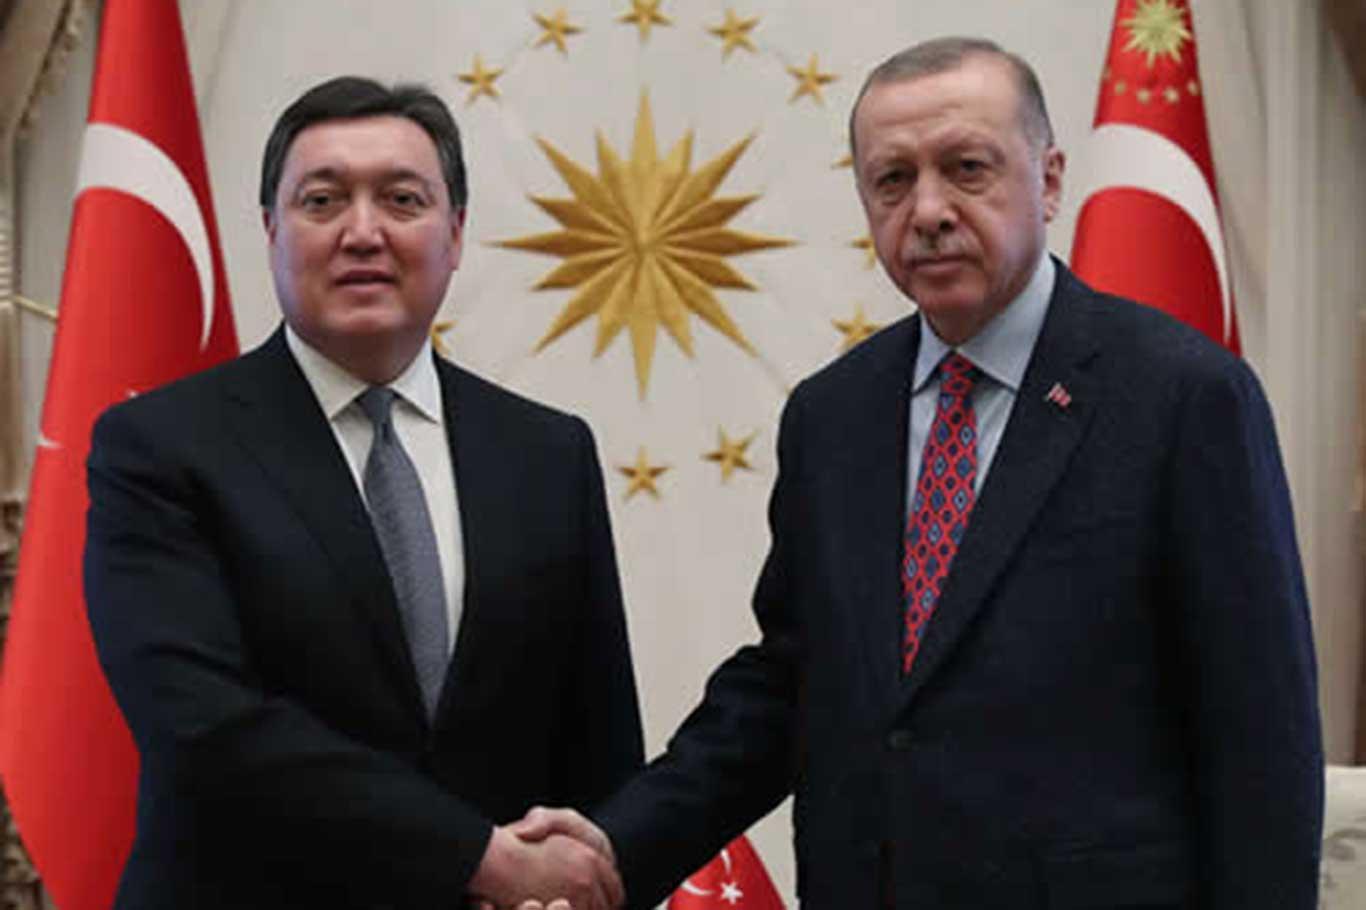 Cumhurbaşkanı Erdoğan, Kazakistan Başbakanı Mamin ile görüştü.